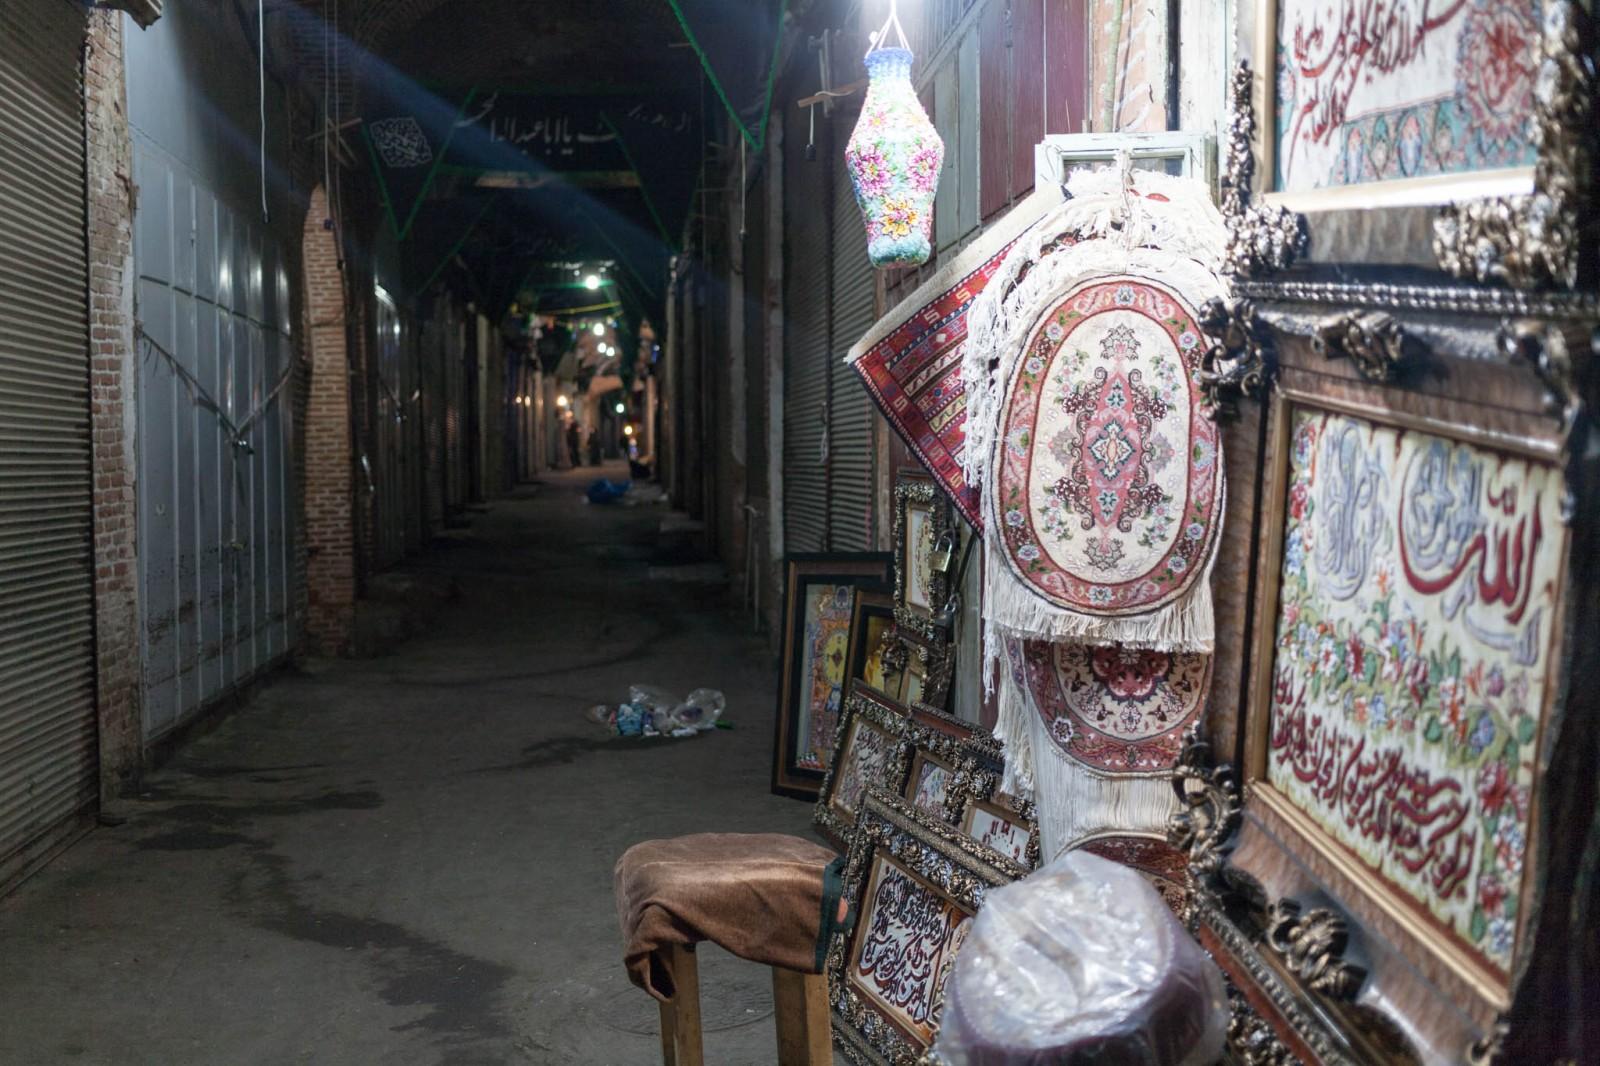 Obchod s koberci v opuštěném bazaaru